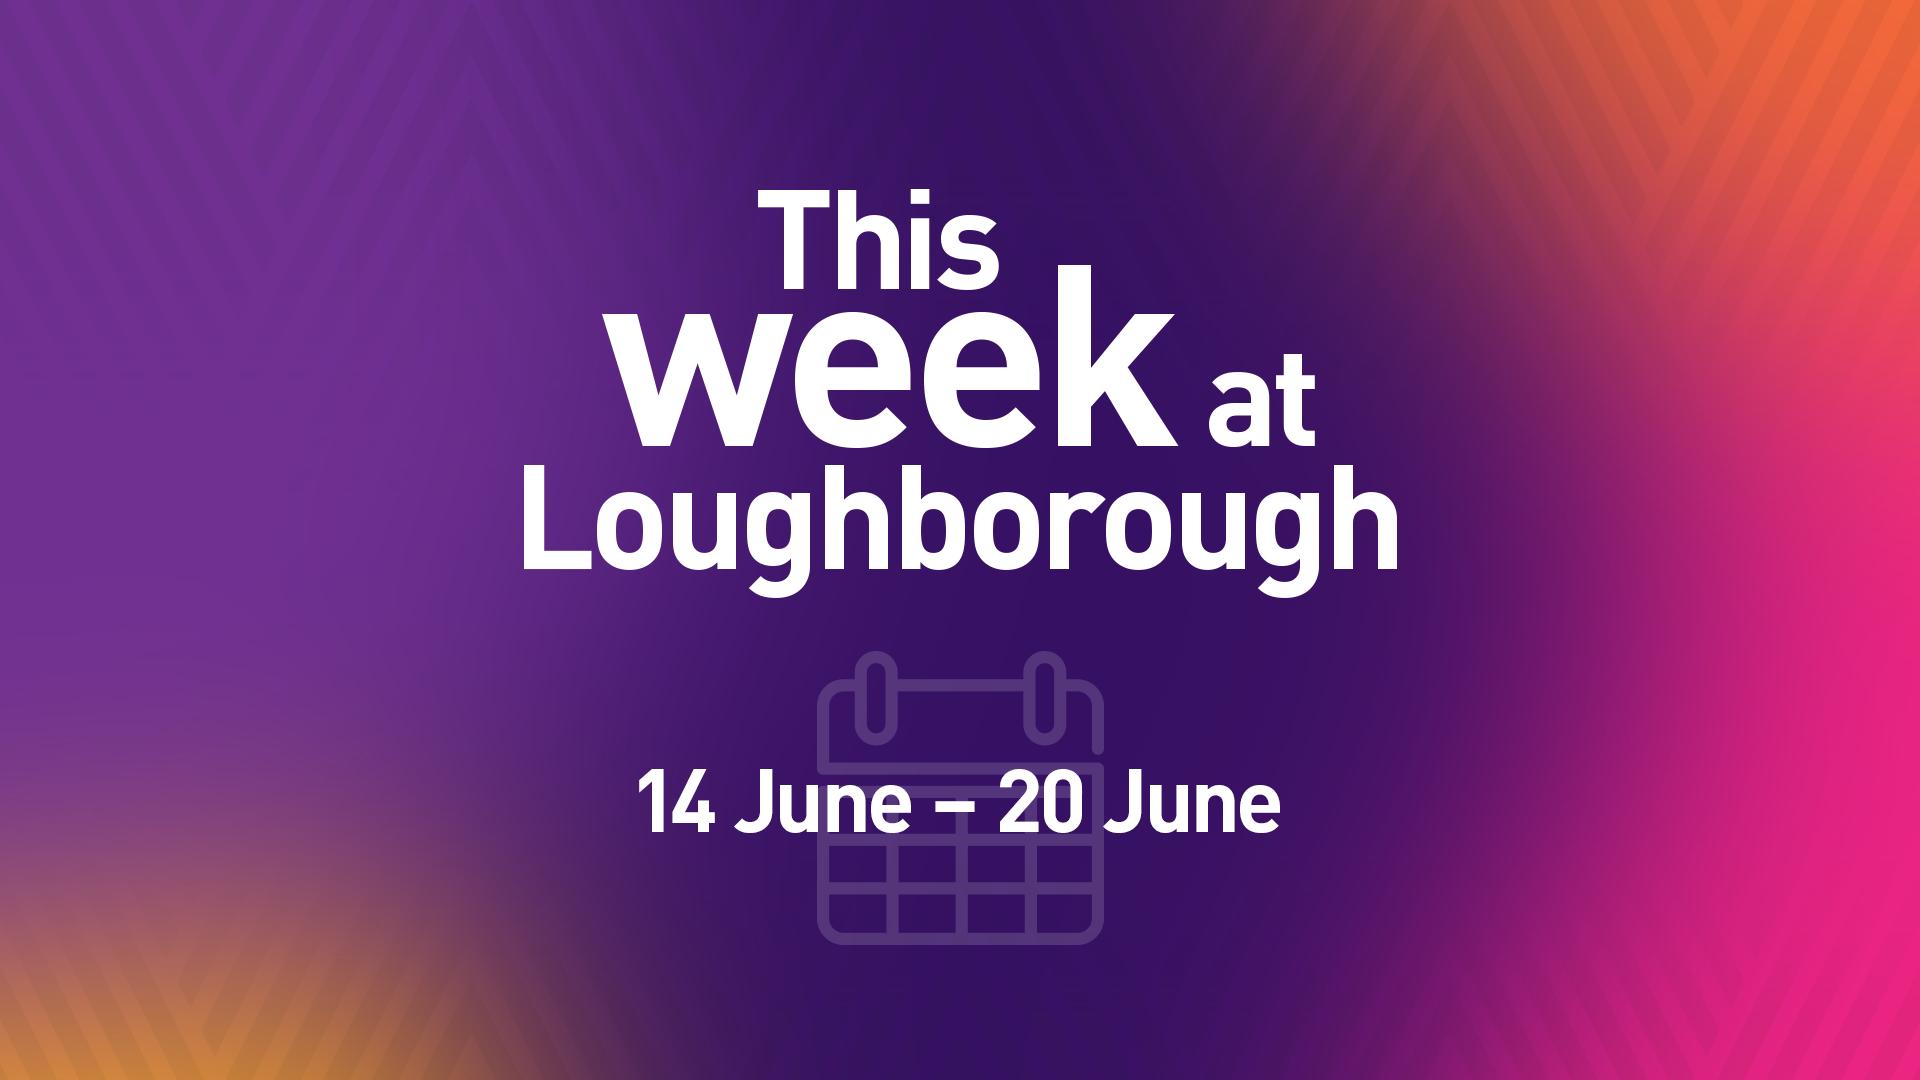 This Week at Loughborough | 14 June